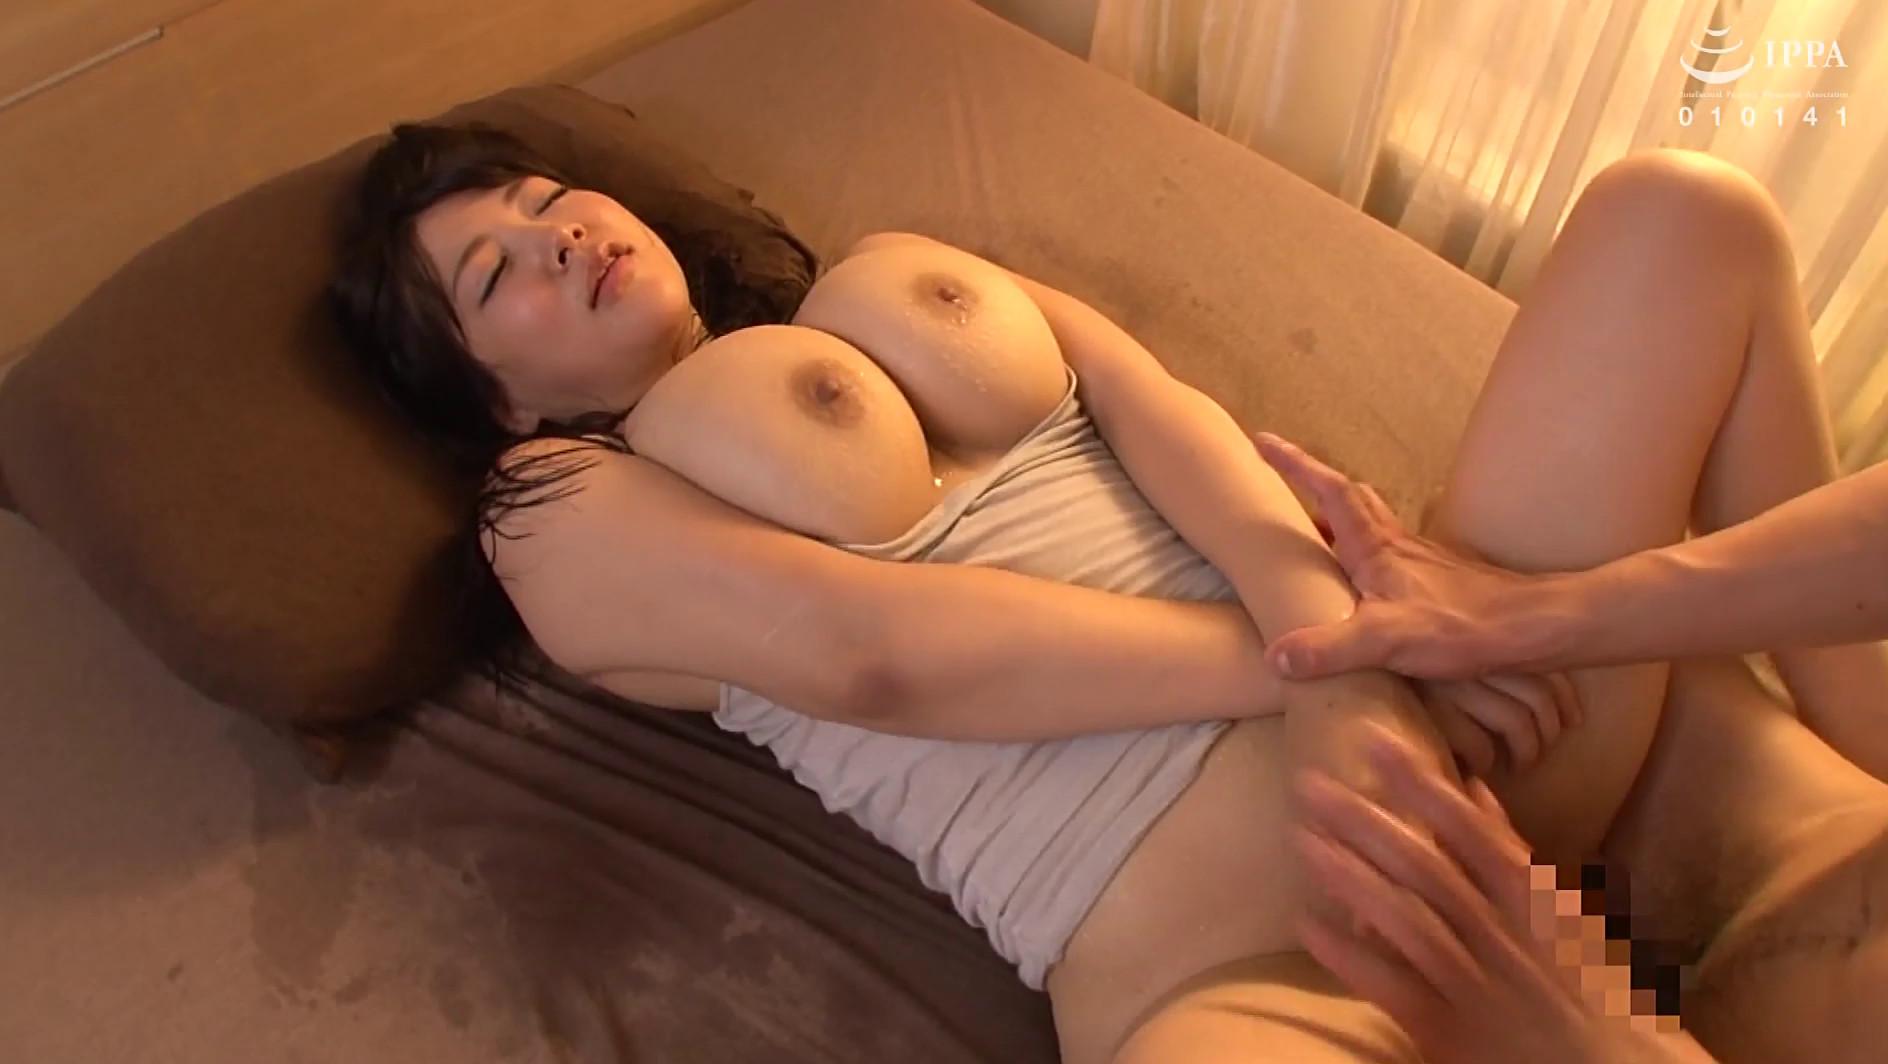 昼間からムラムラ発情!!乳首スケスケノーブラで誘惑 淫乱爆乳妻の汗だく中出し交尾 30人8時間 画像19